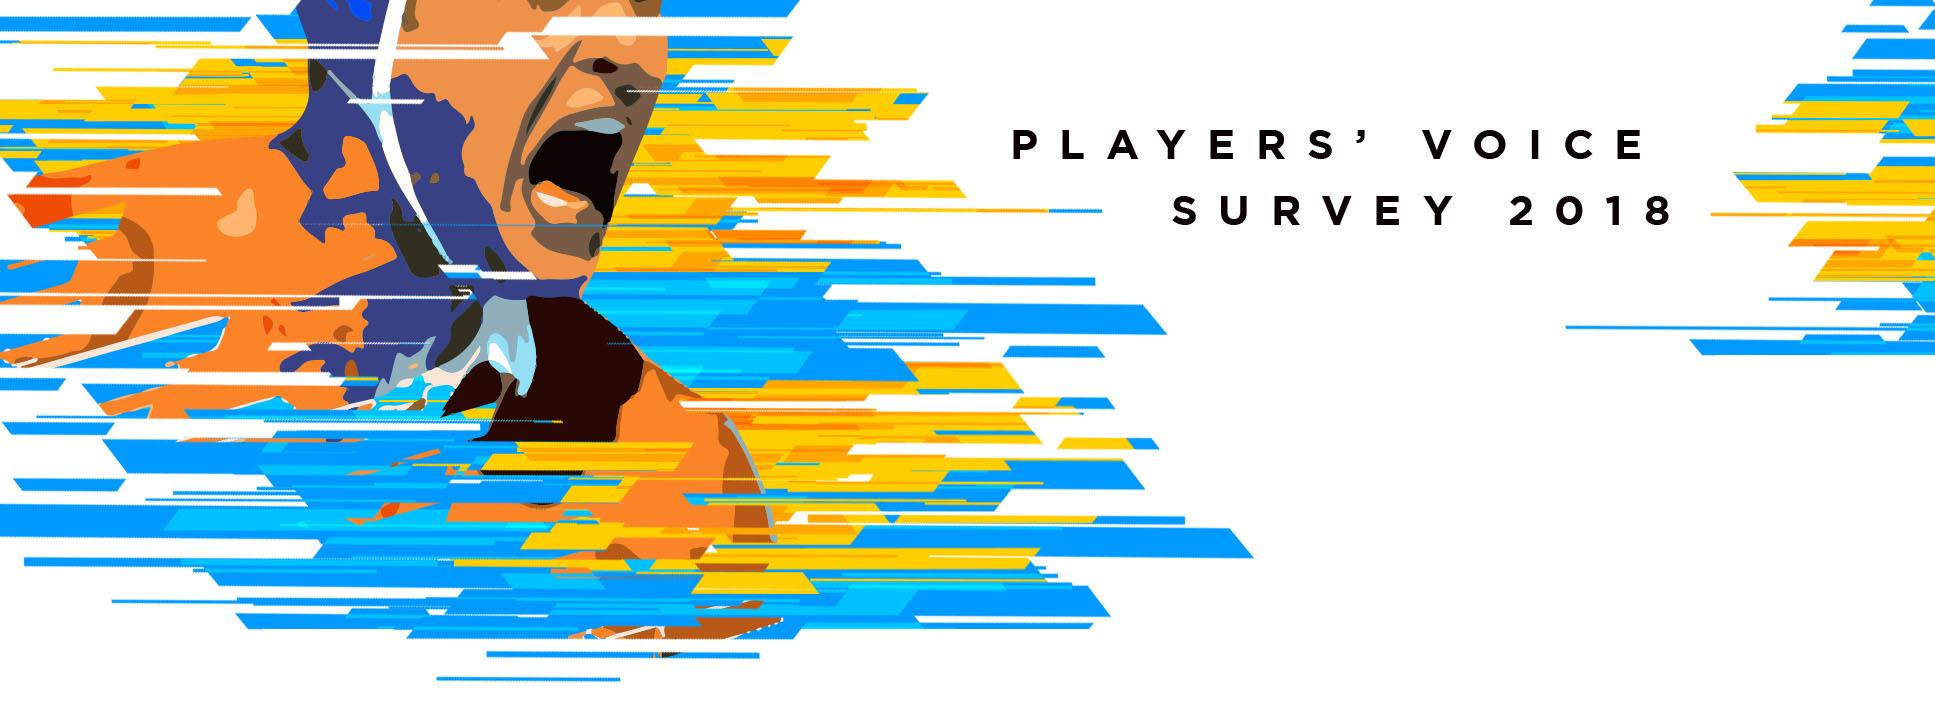 players-voice-survey-2018-slide